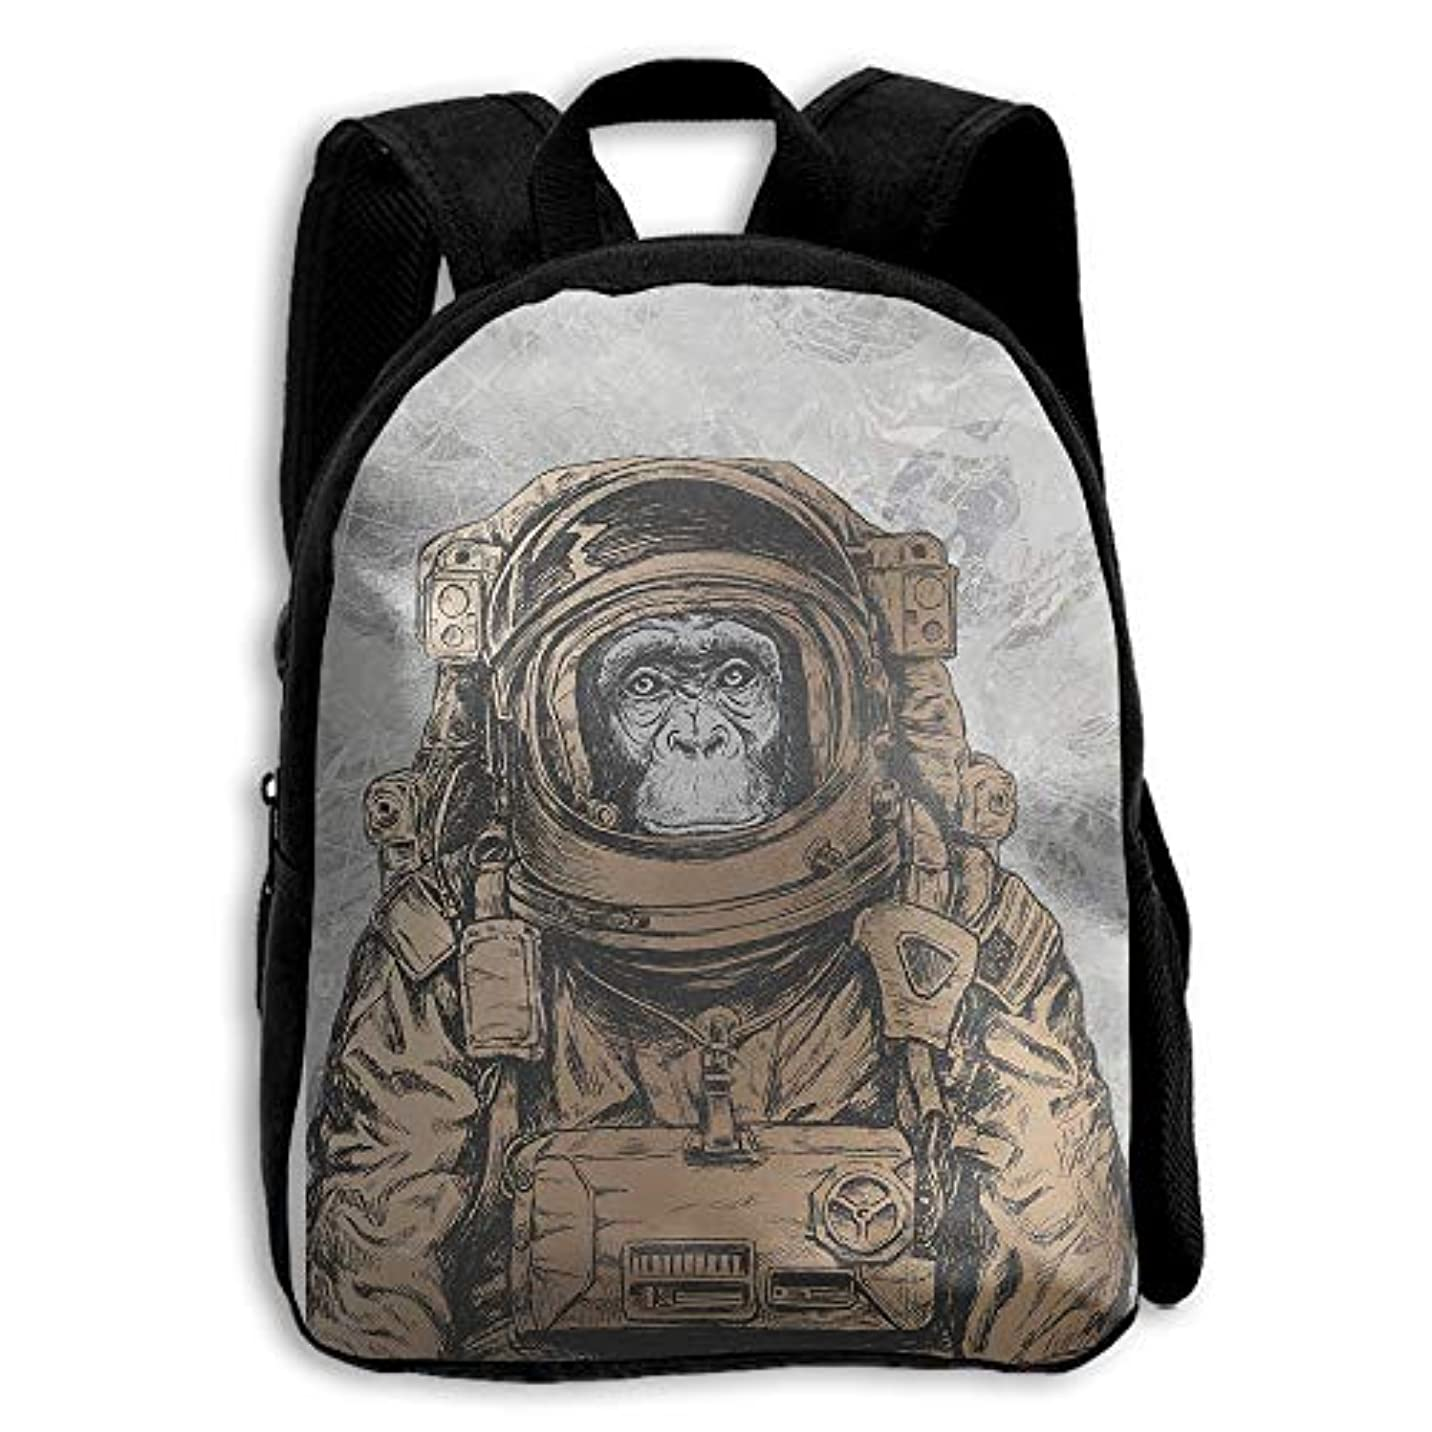 登る給料ブランドキッズ バックパック 子供用 リュックサック モンキー 宇宙飛行士 ショルダー デイパック アウトドア 男の子 女の子 通学 旅行 遠足